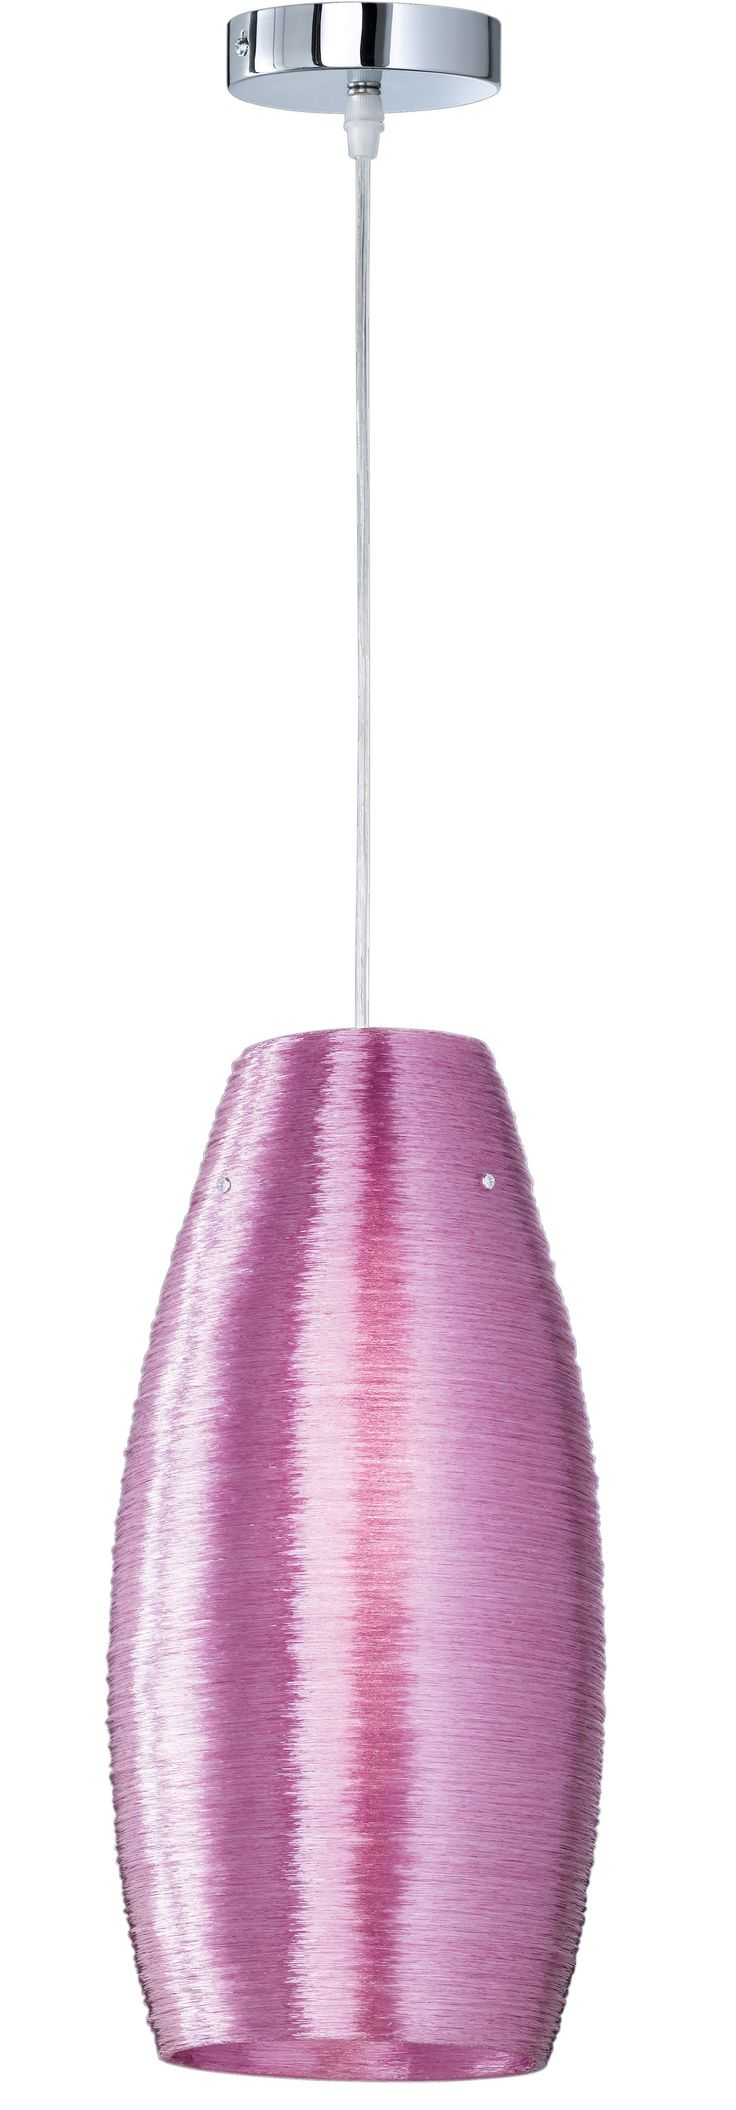 deckenlampe lila atemberaubende abbild und fffccfeefccafed